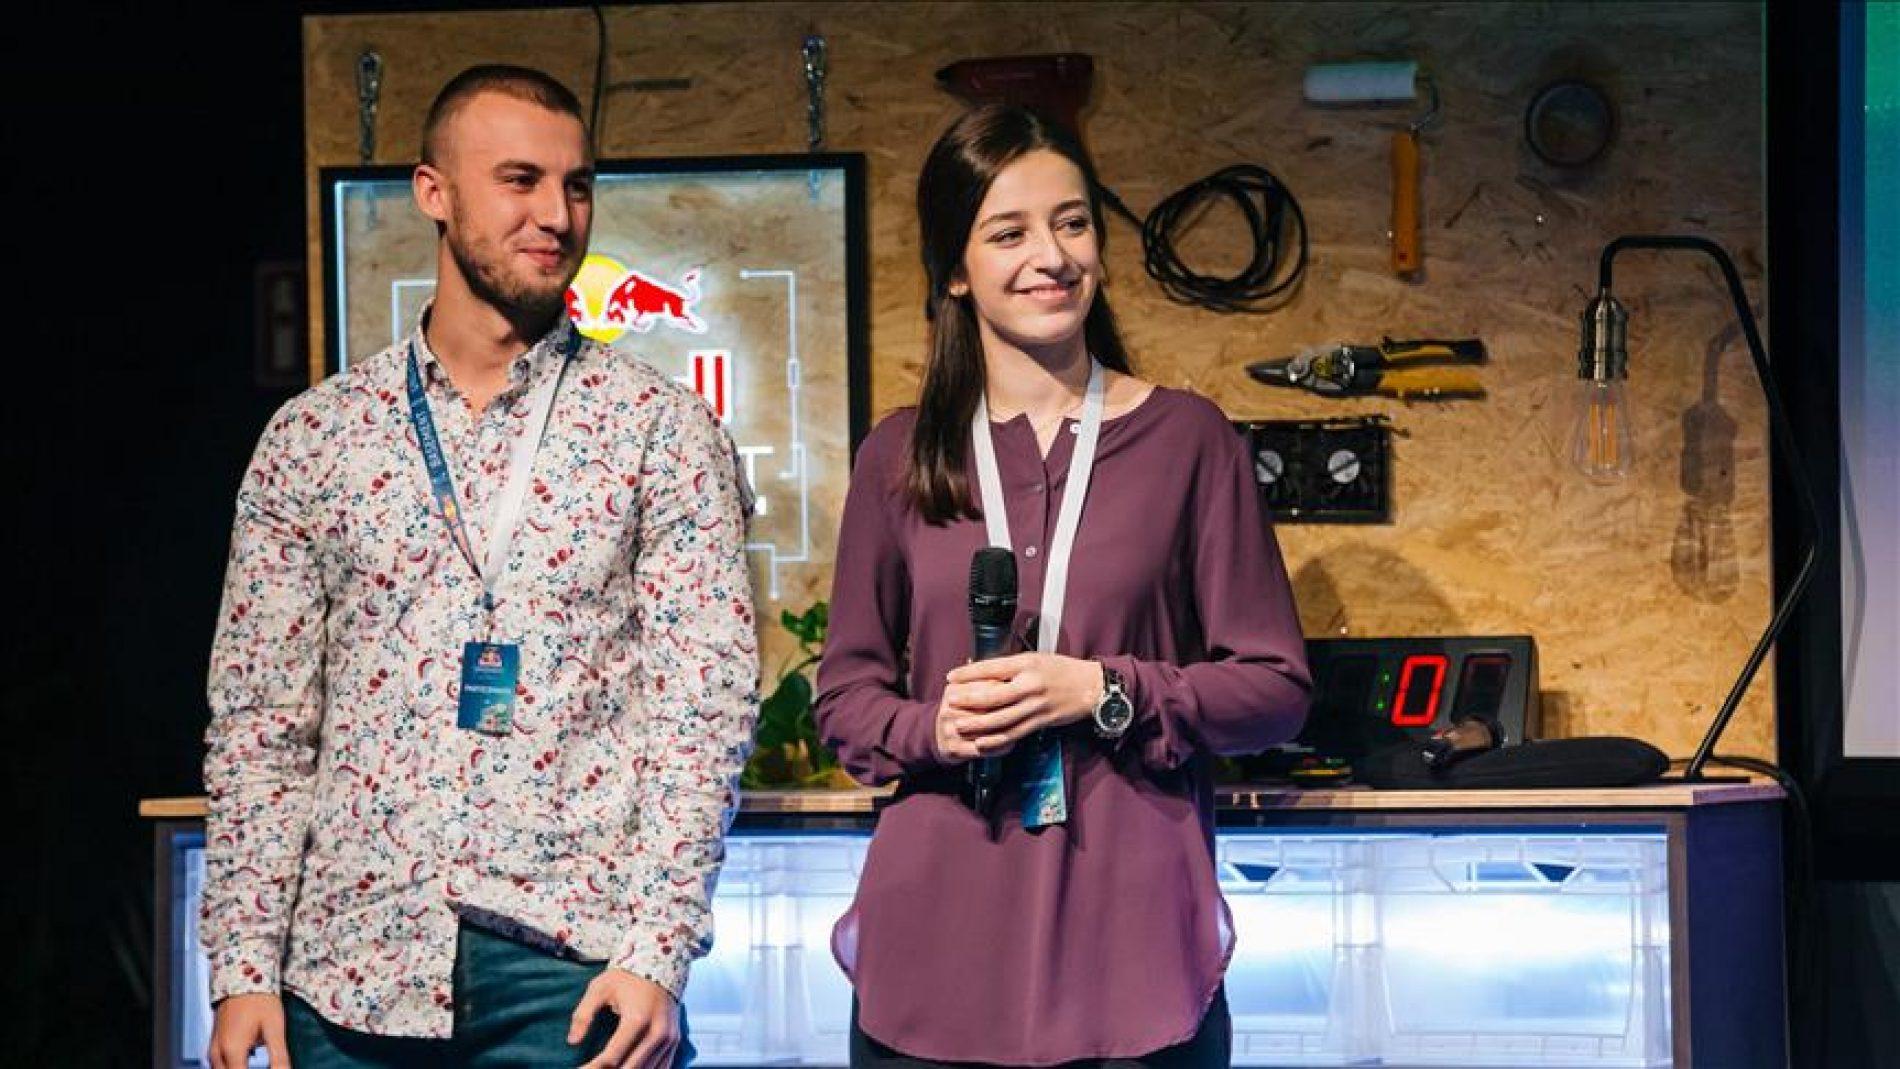 Ideja bosanskih inovatora među pet najboljih u svijetu